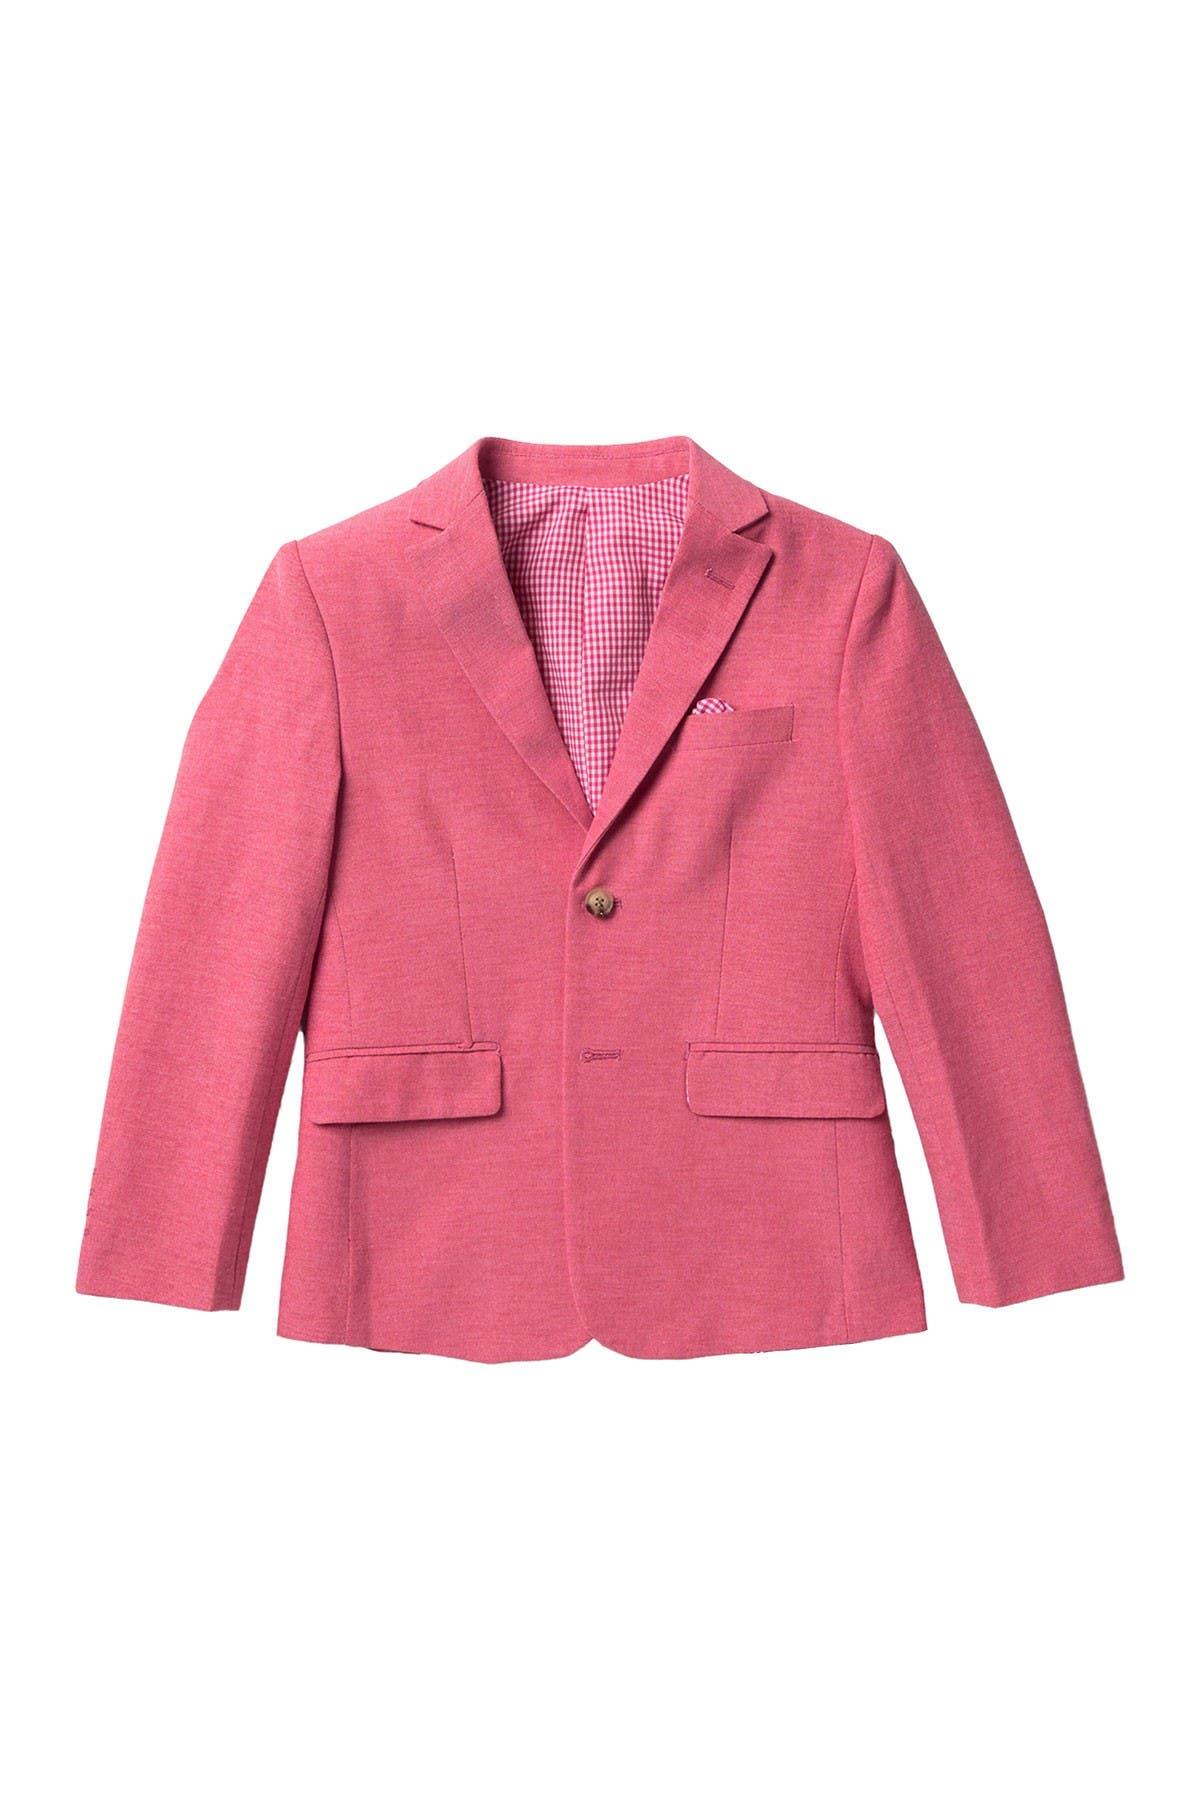 Isaac Mizrahi Boys 4-Piece Textured Vest Set